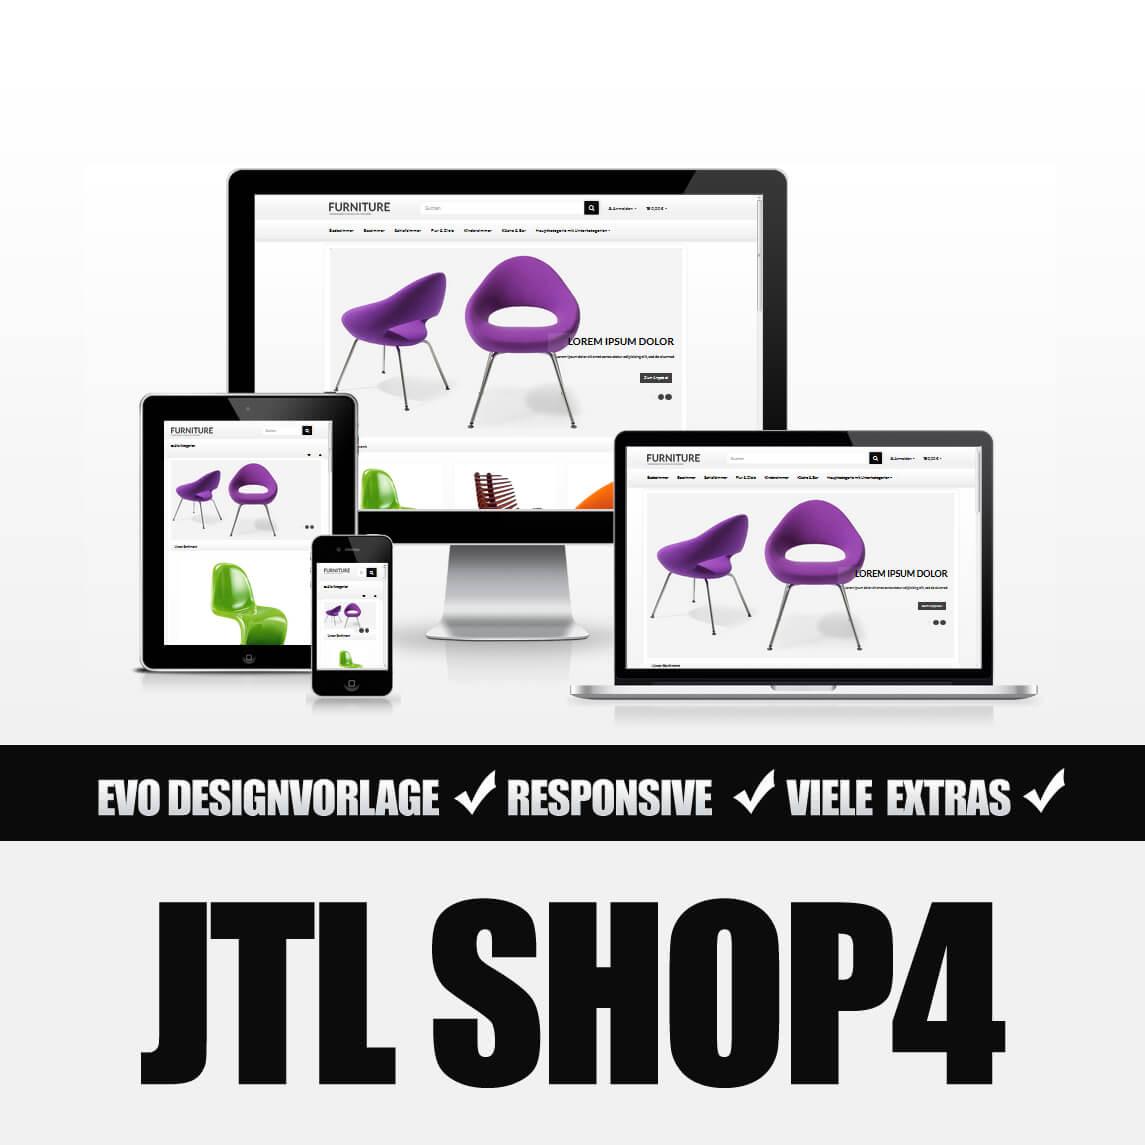 JTL Shop4 Template #2-2